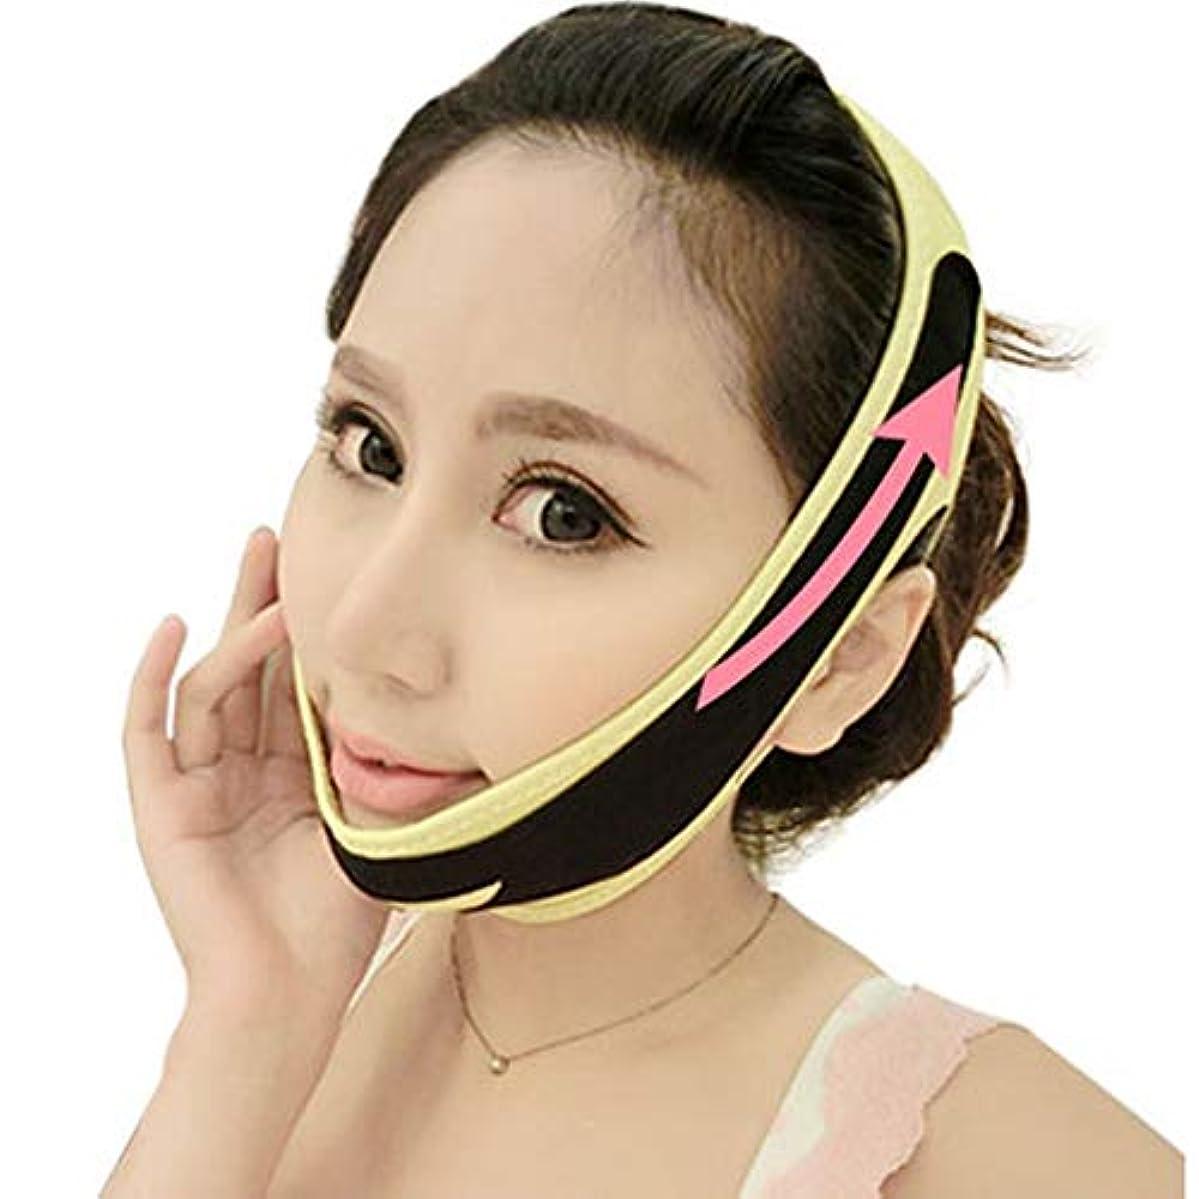 フレームワーク早熟マネージャーフェイスリフティング包帯、顔の矯正V字型肌の弾力性を高めます 二重あごを軽減睡眠の質を向上させます (Color : Yellow)